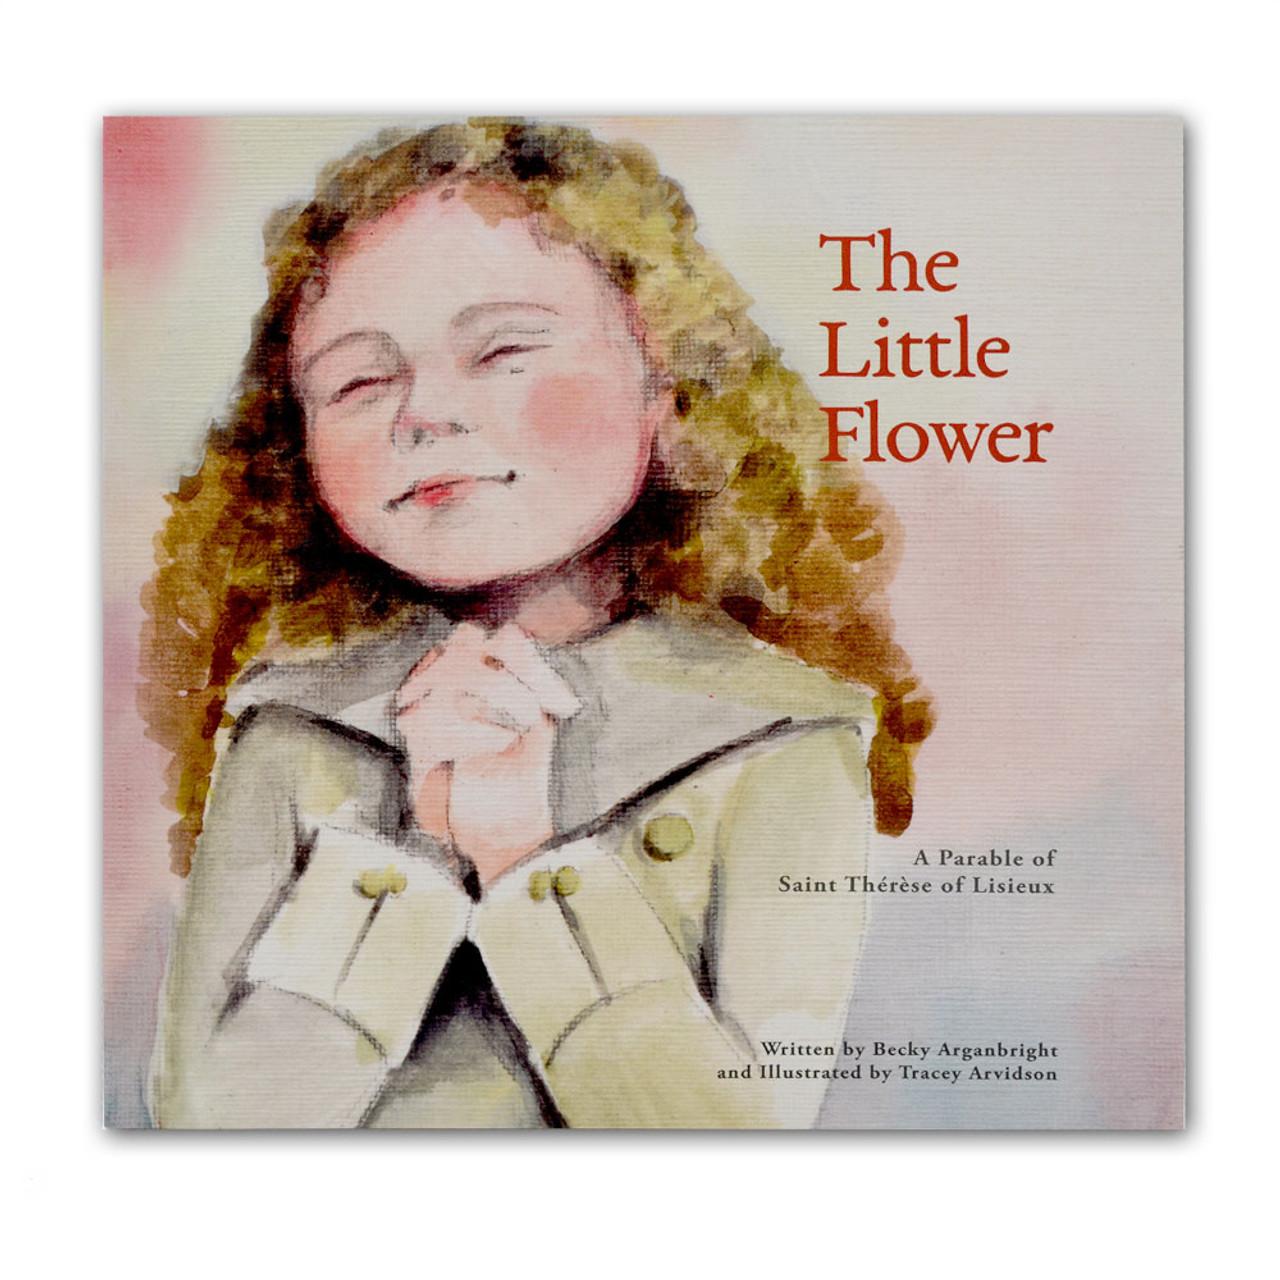 The Little Flower Arganbright, Becky